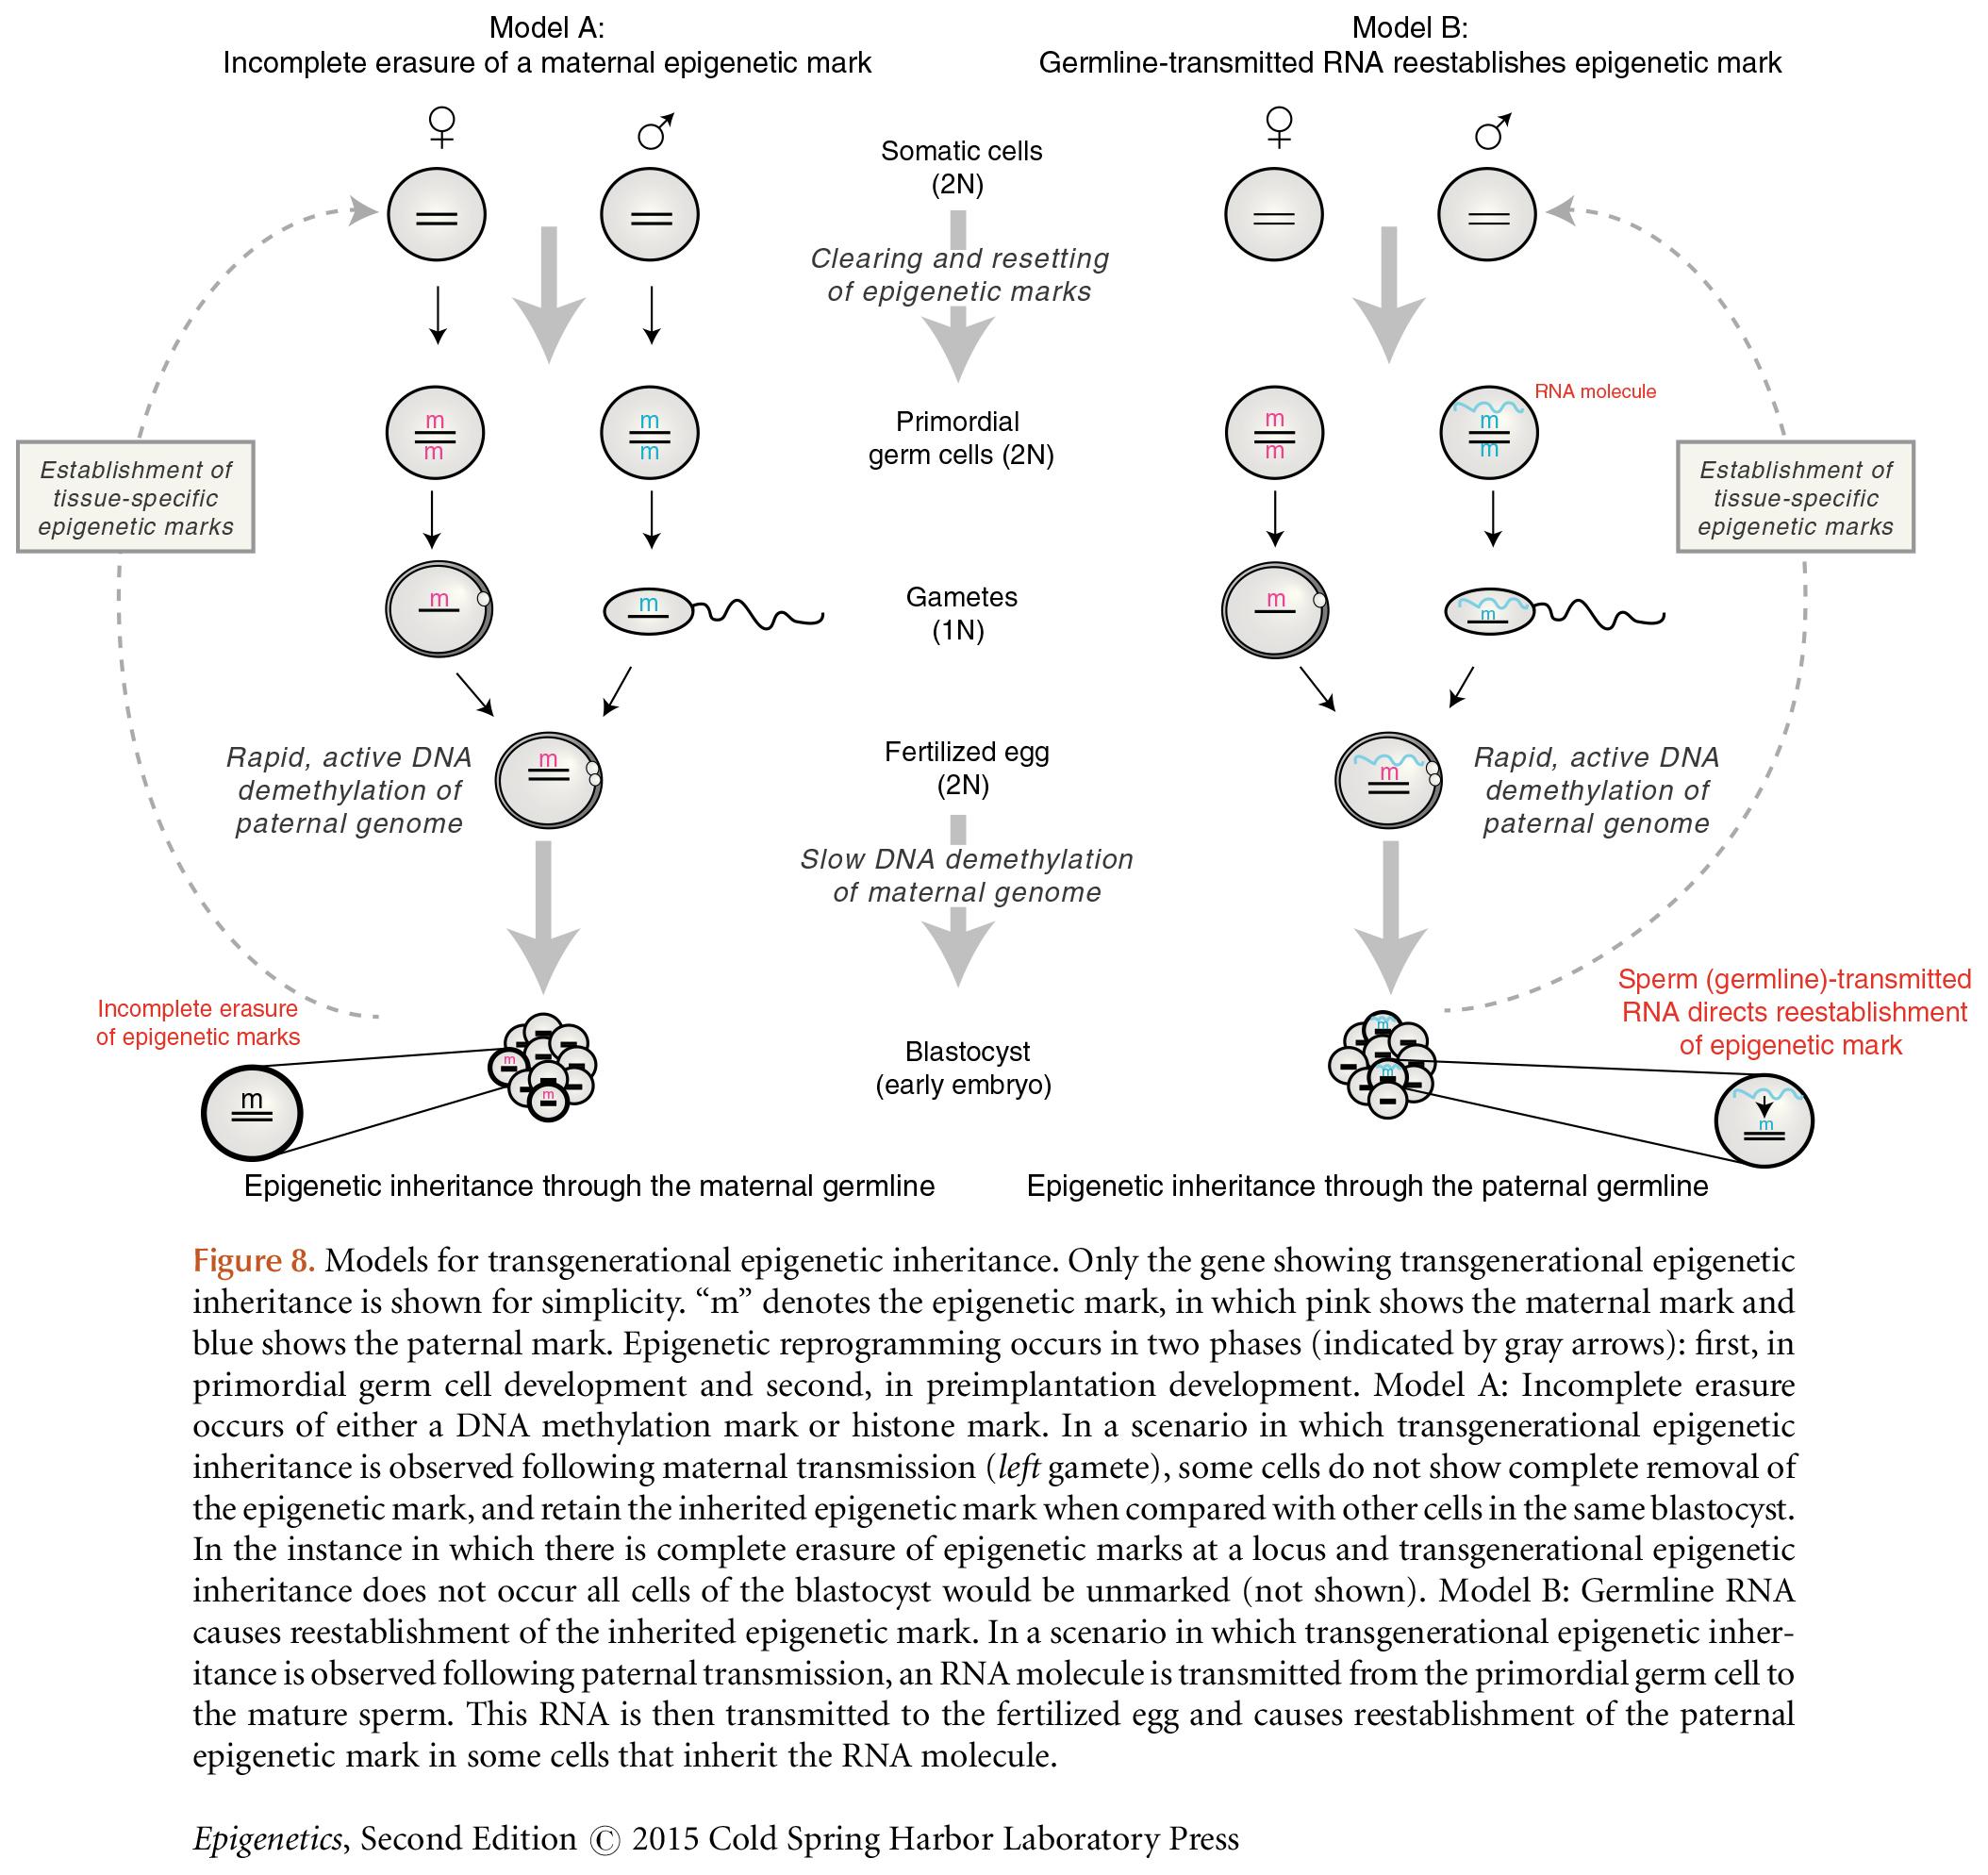 transgenerational model